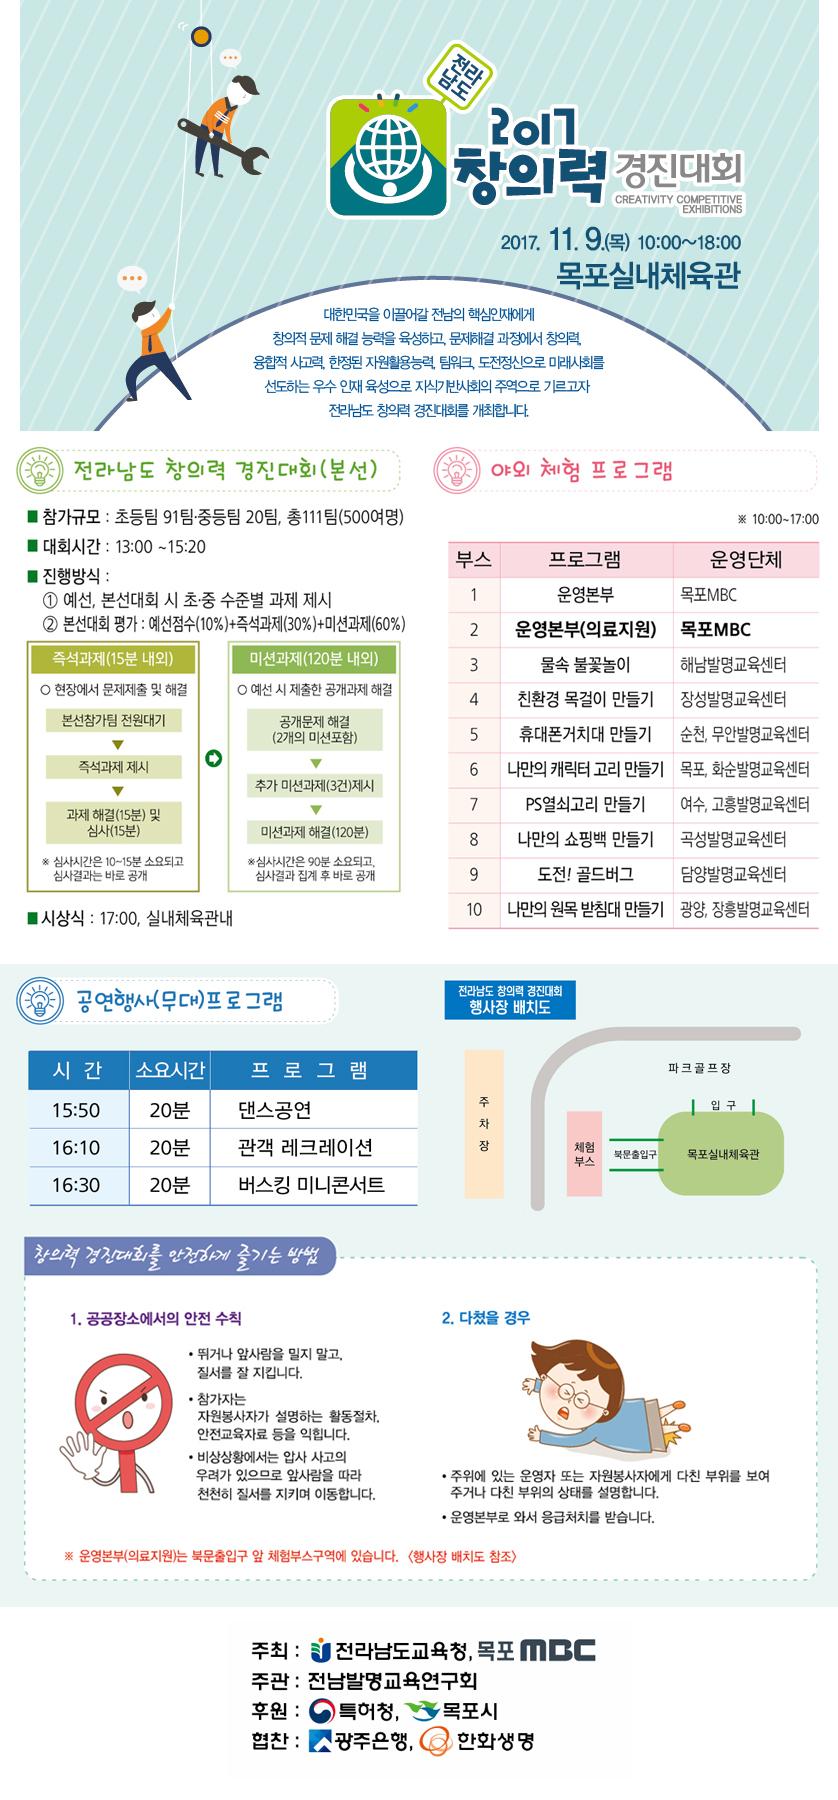 전라남도 2017 창의력 경진대회 행사정보